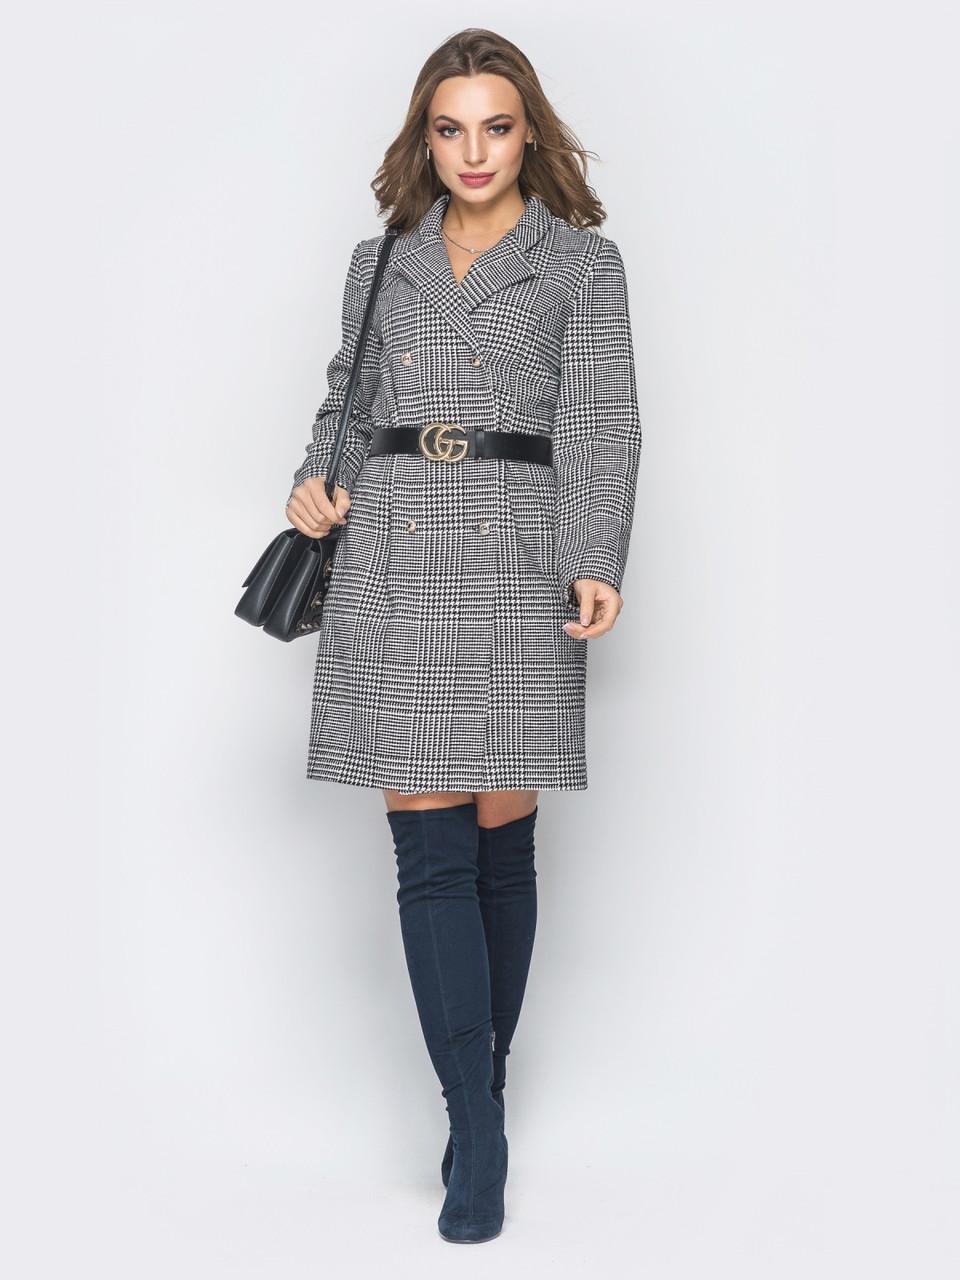 a51a2fc4b35 Платье пиджак в клетку 20311 черно-белое - DS Moda - женская одежда оптом от